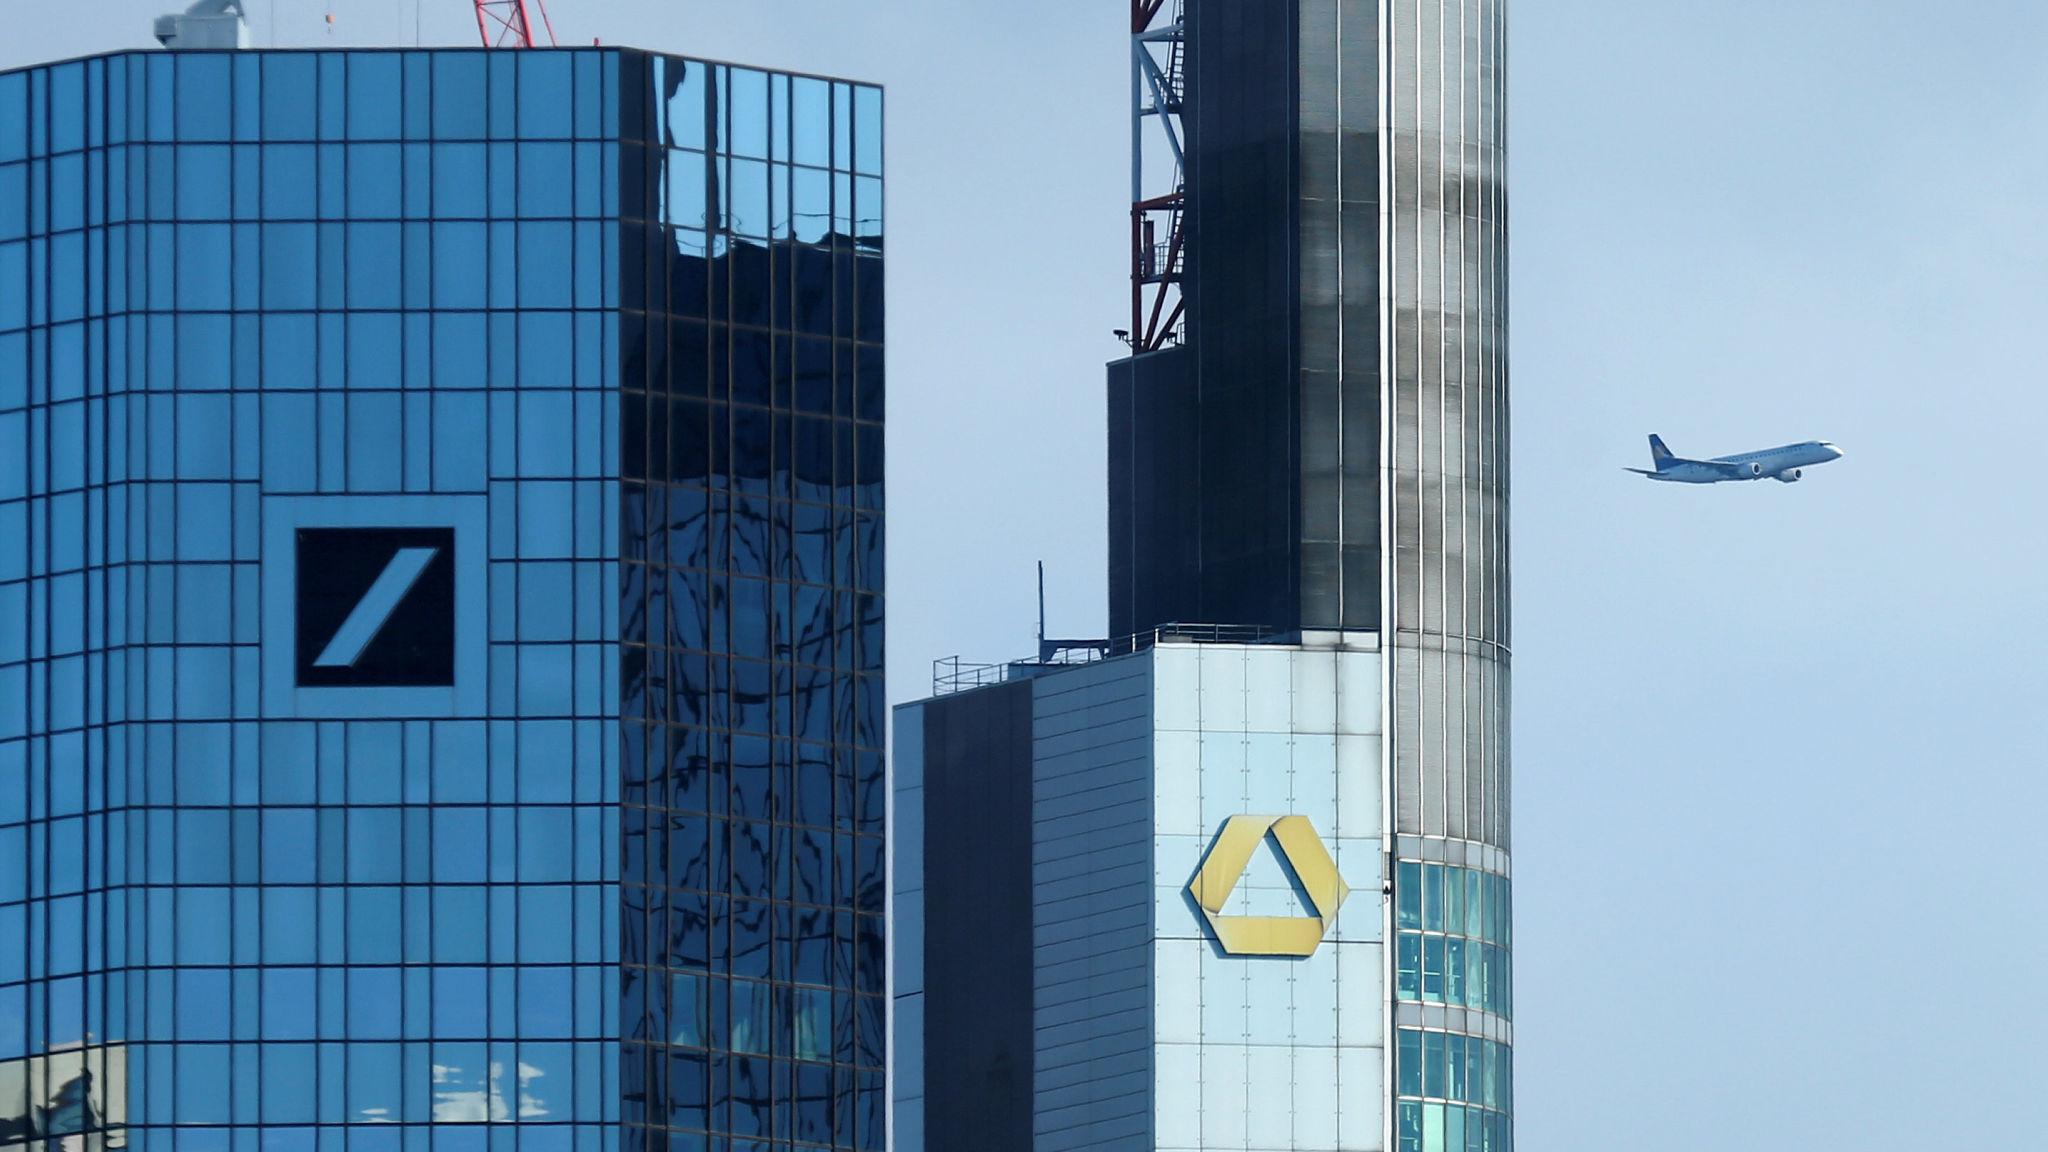 Deutsche hires ex-FIG head's firm for Commerzbank deal